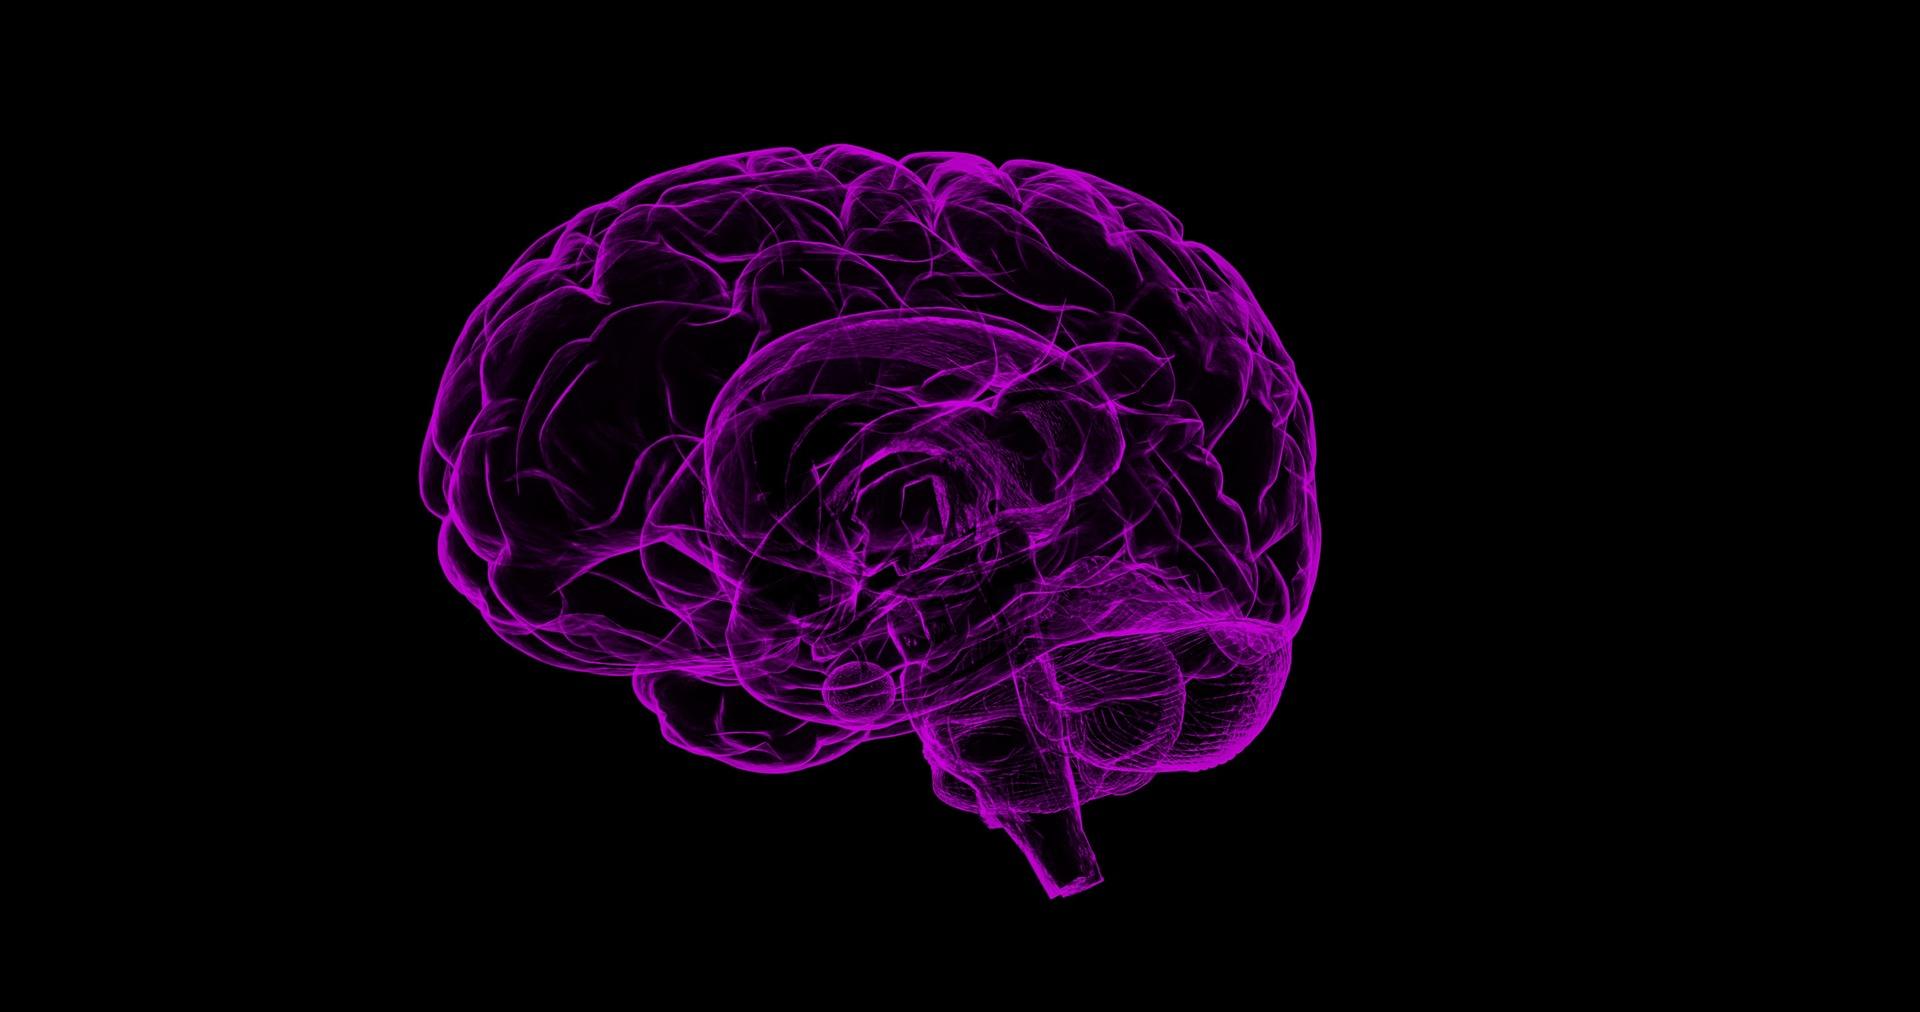 Die CB-1 Rezeptoren sind vorwiegend im Zentralen Nervensystem und Gehirn vorzufinden.